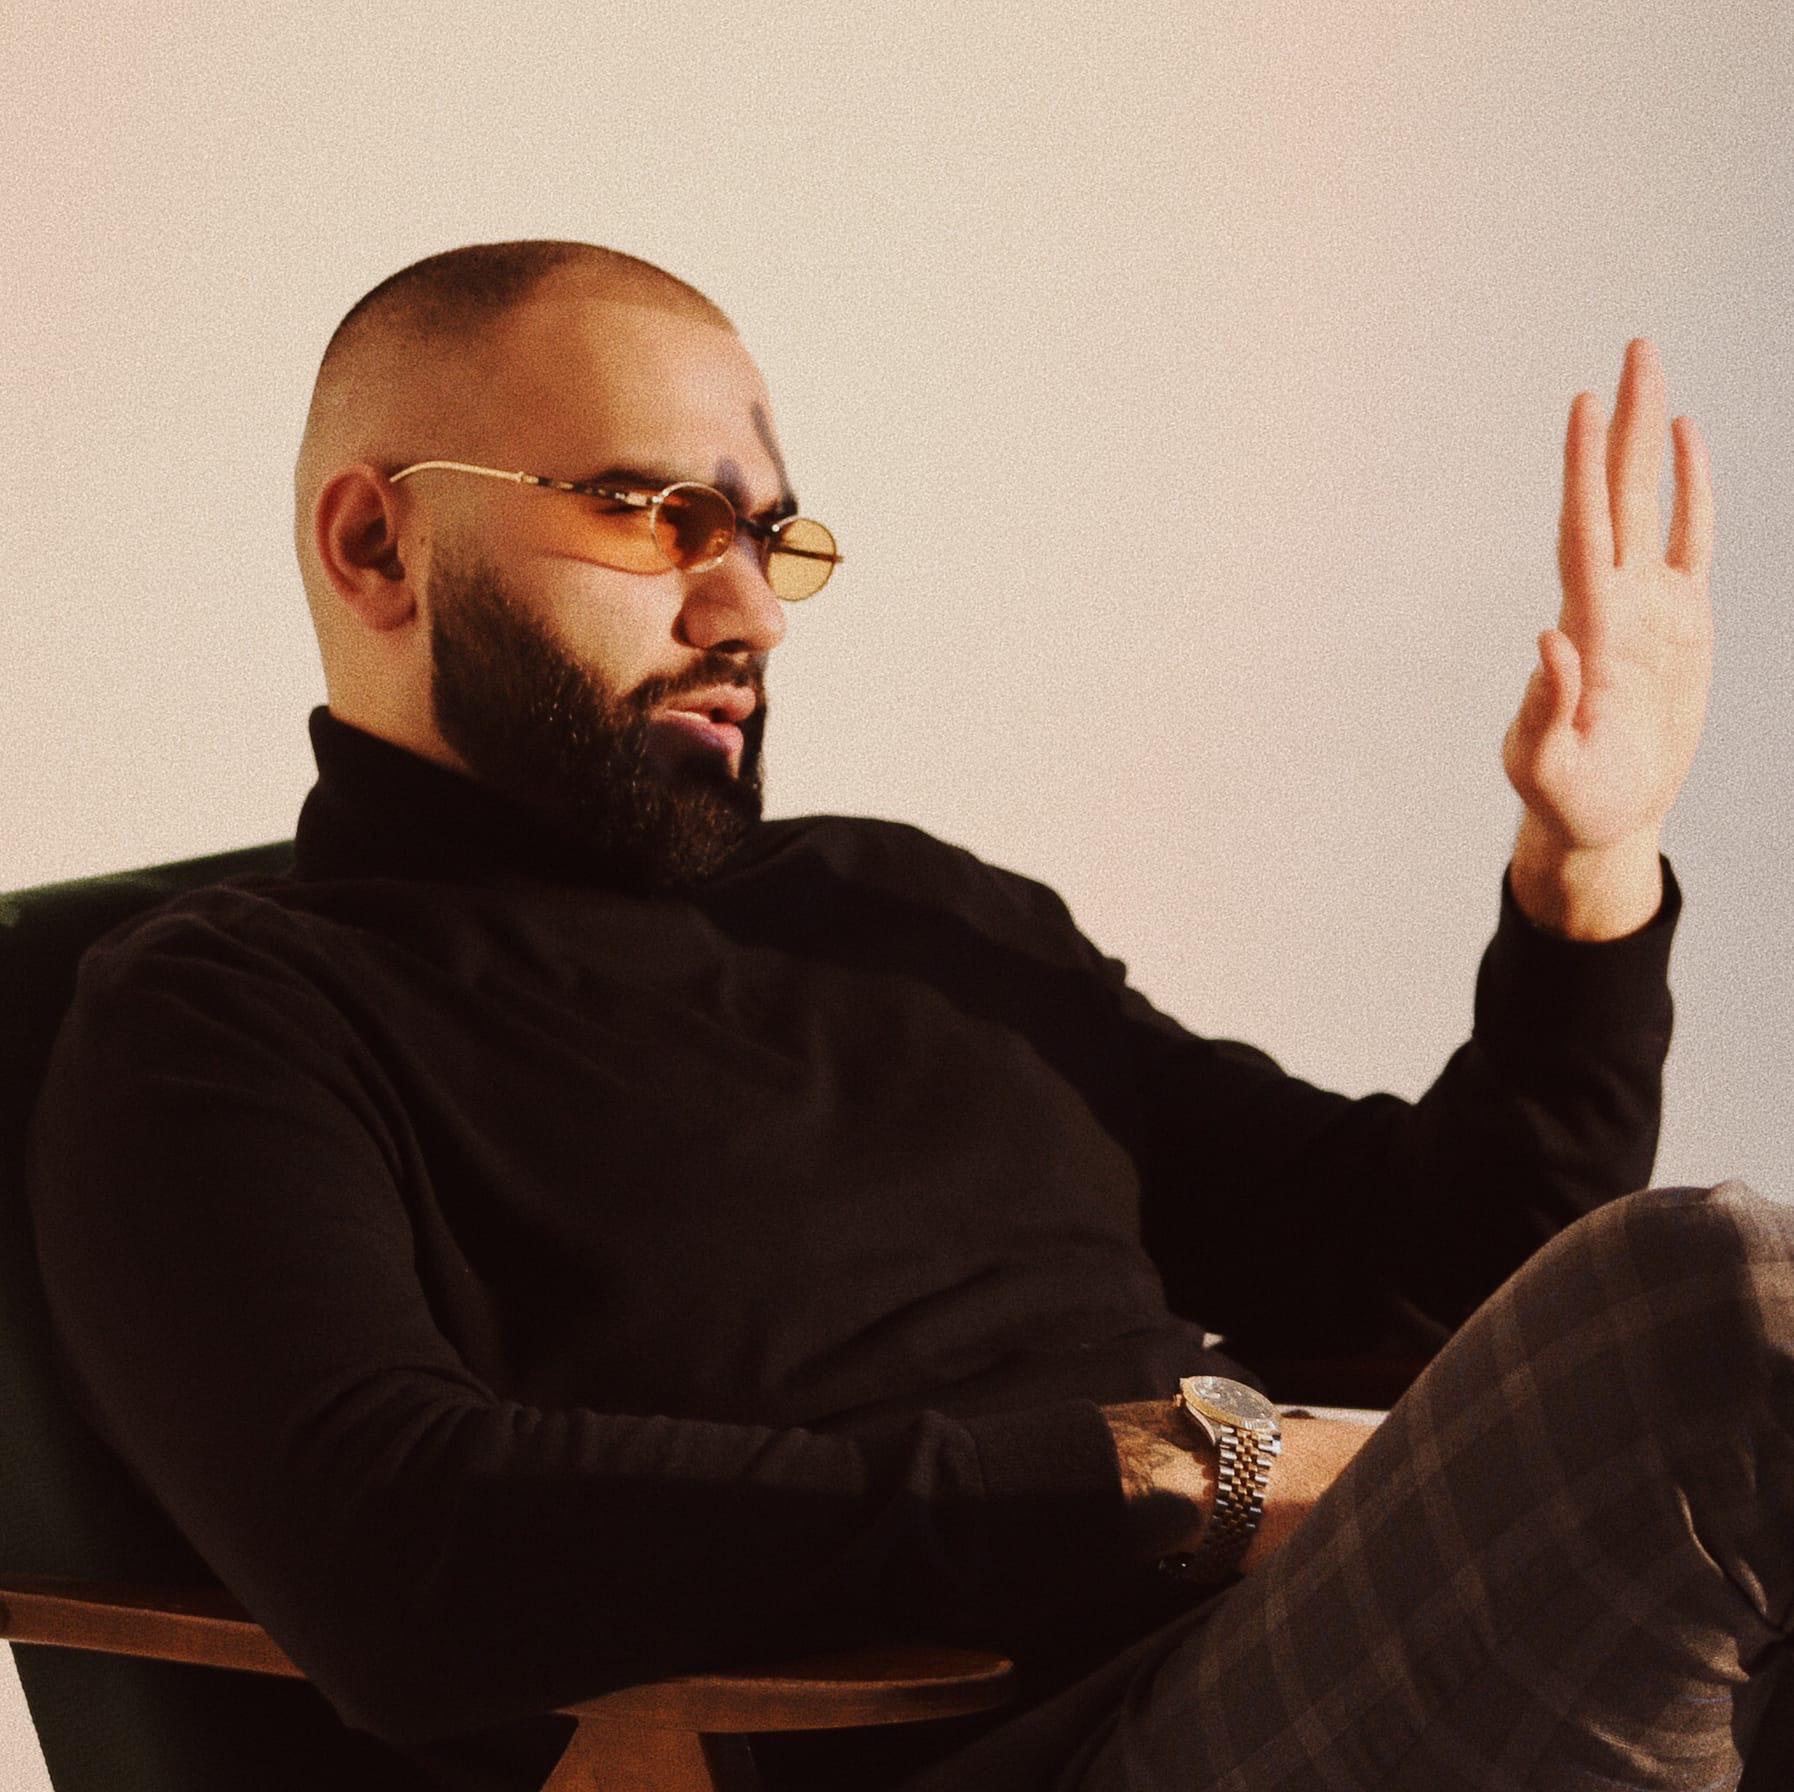 Наваи Бакиров  - биография, личная жизнь, песни, брат, религия, инстаграм, интервью